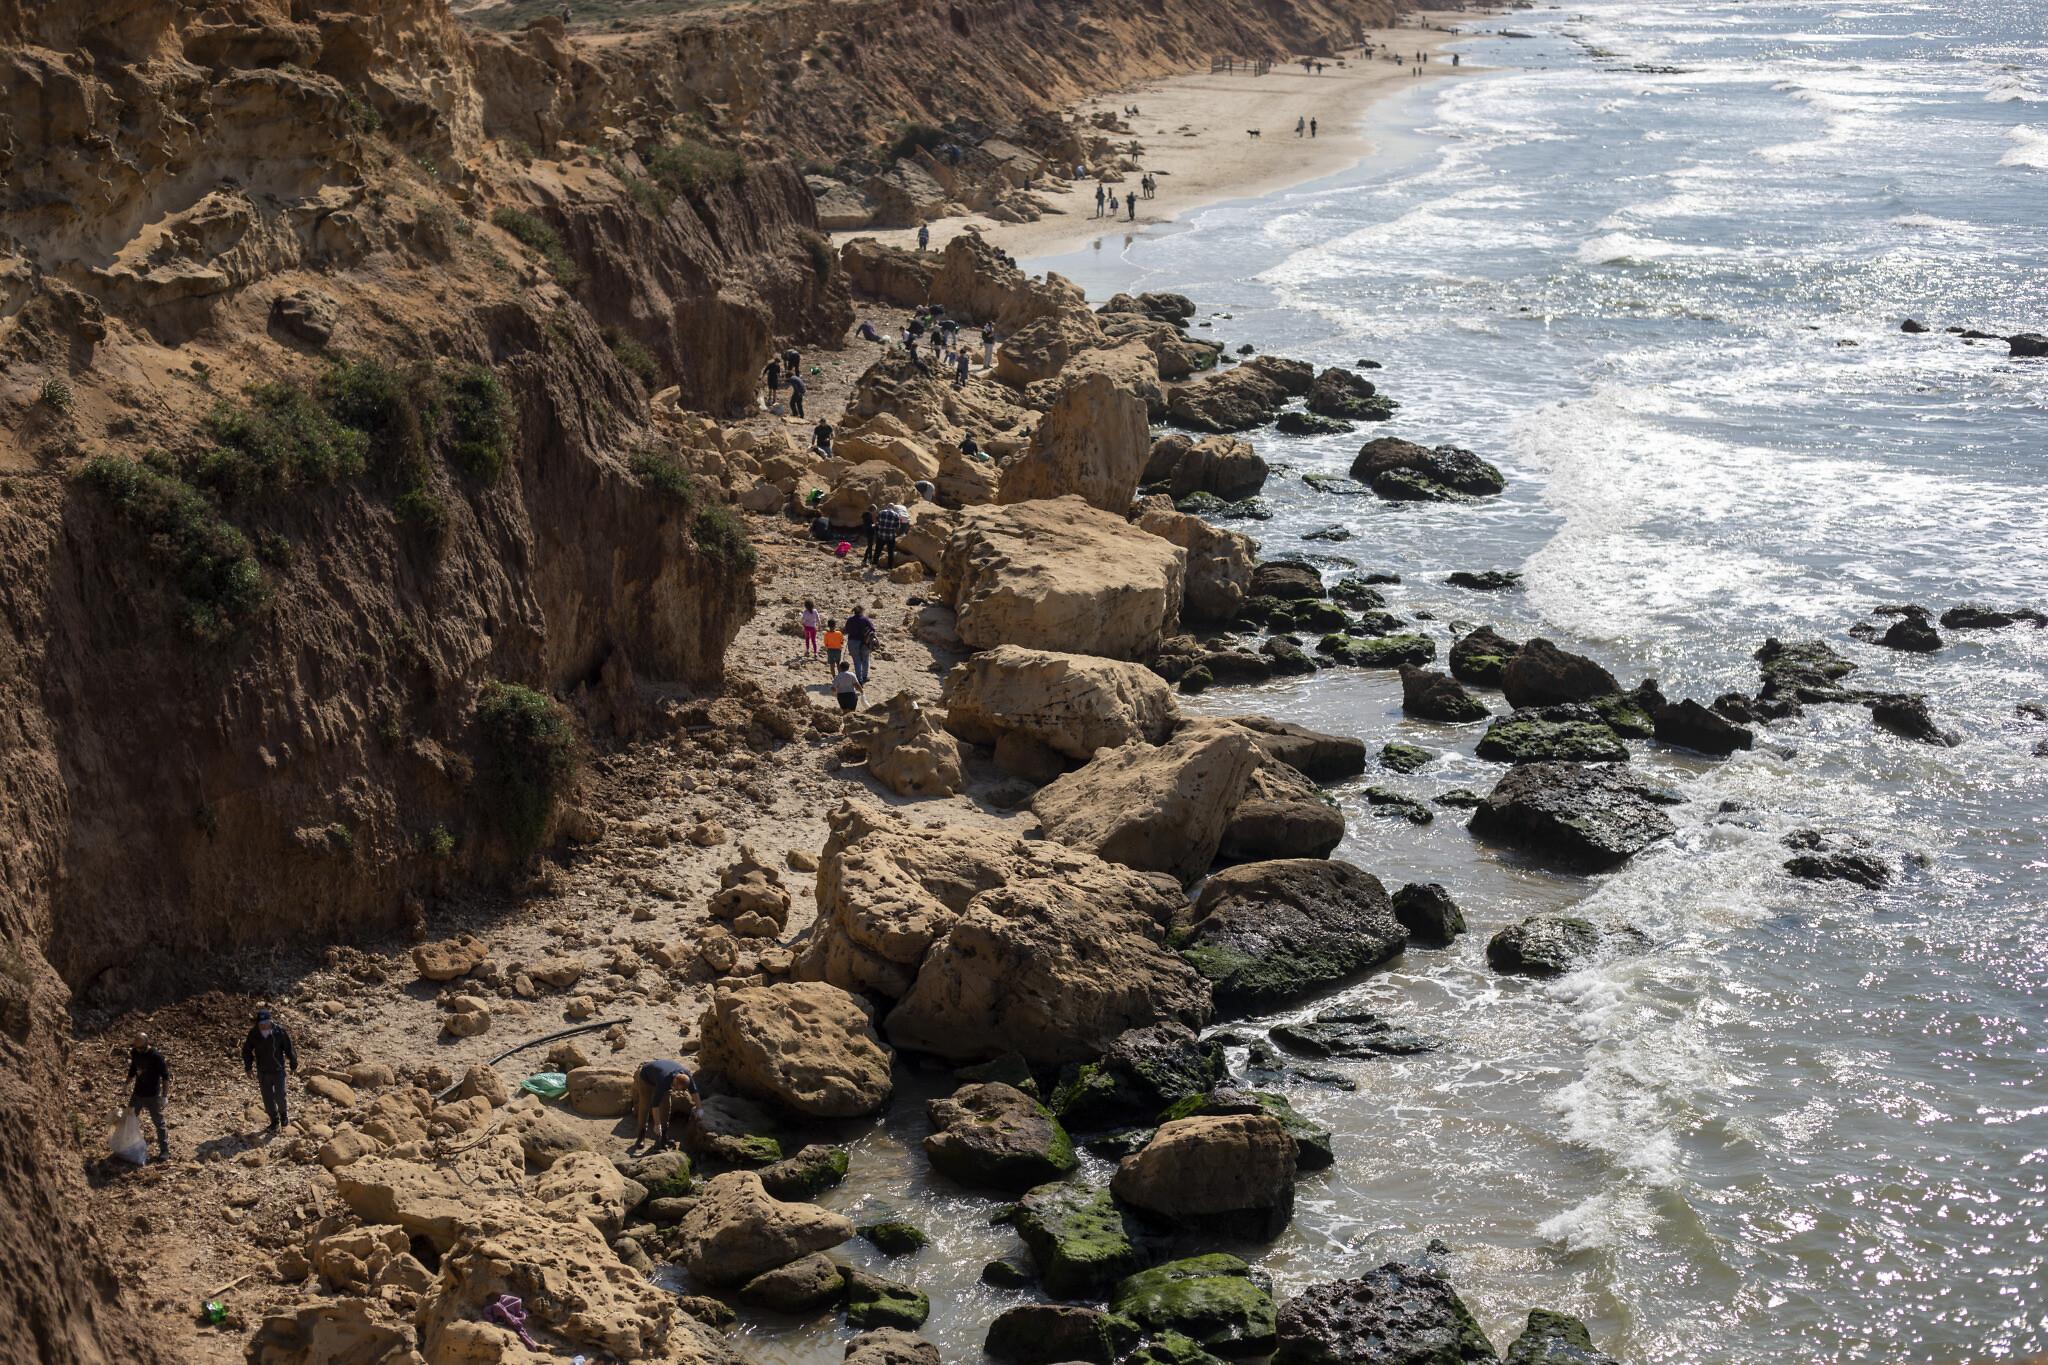 В Ізраїлі сталася екологічна катастрофа: що відомо